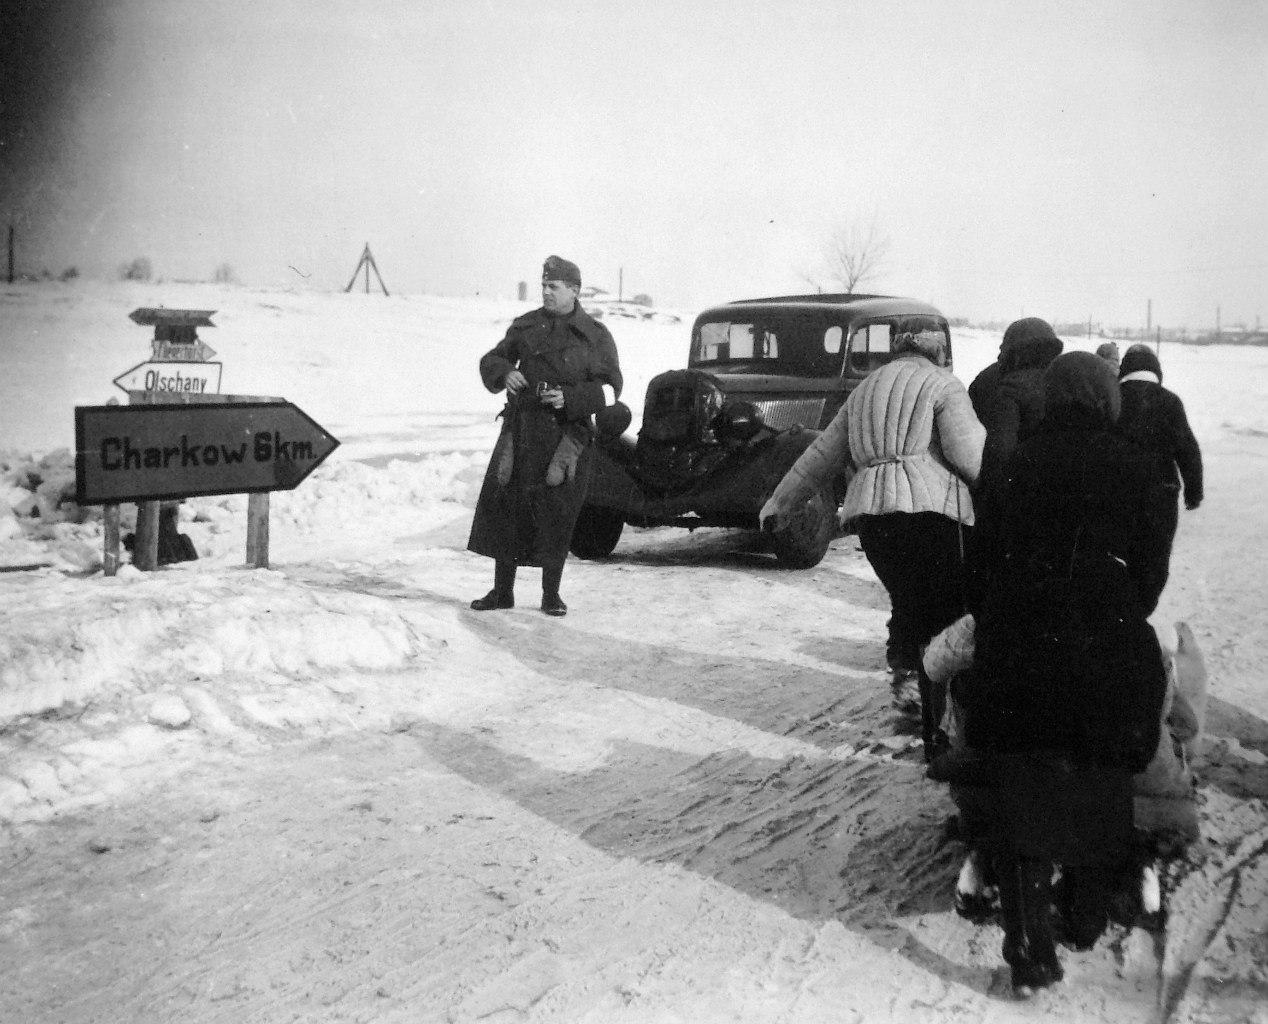 1942. Мирные жители проходят мимо венгерского солдата с автомобилем возле дорожного указателя на Харьков